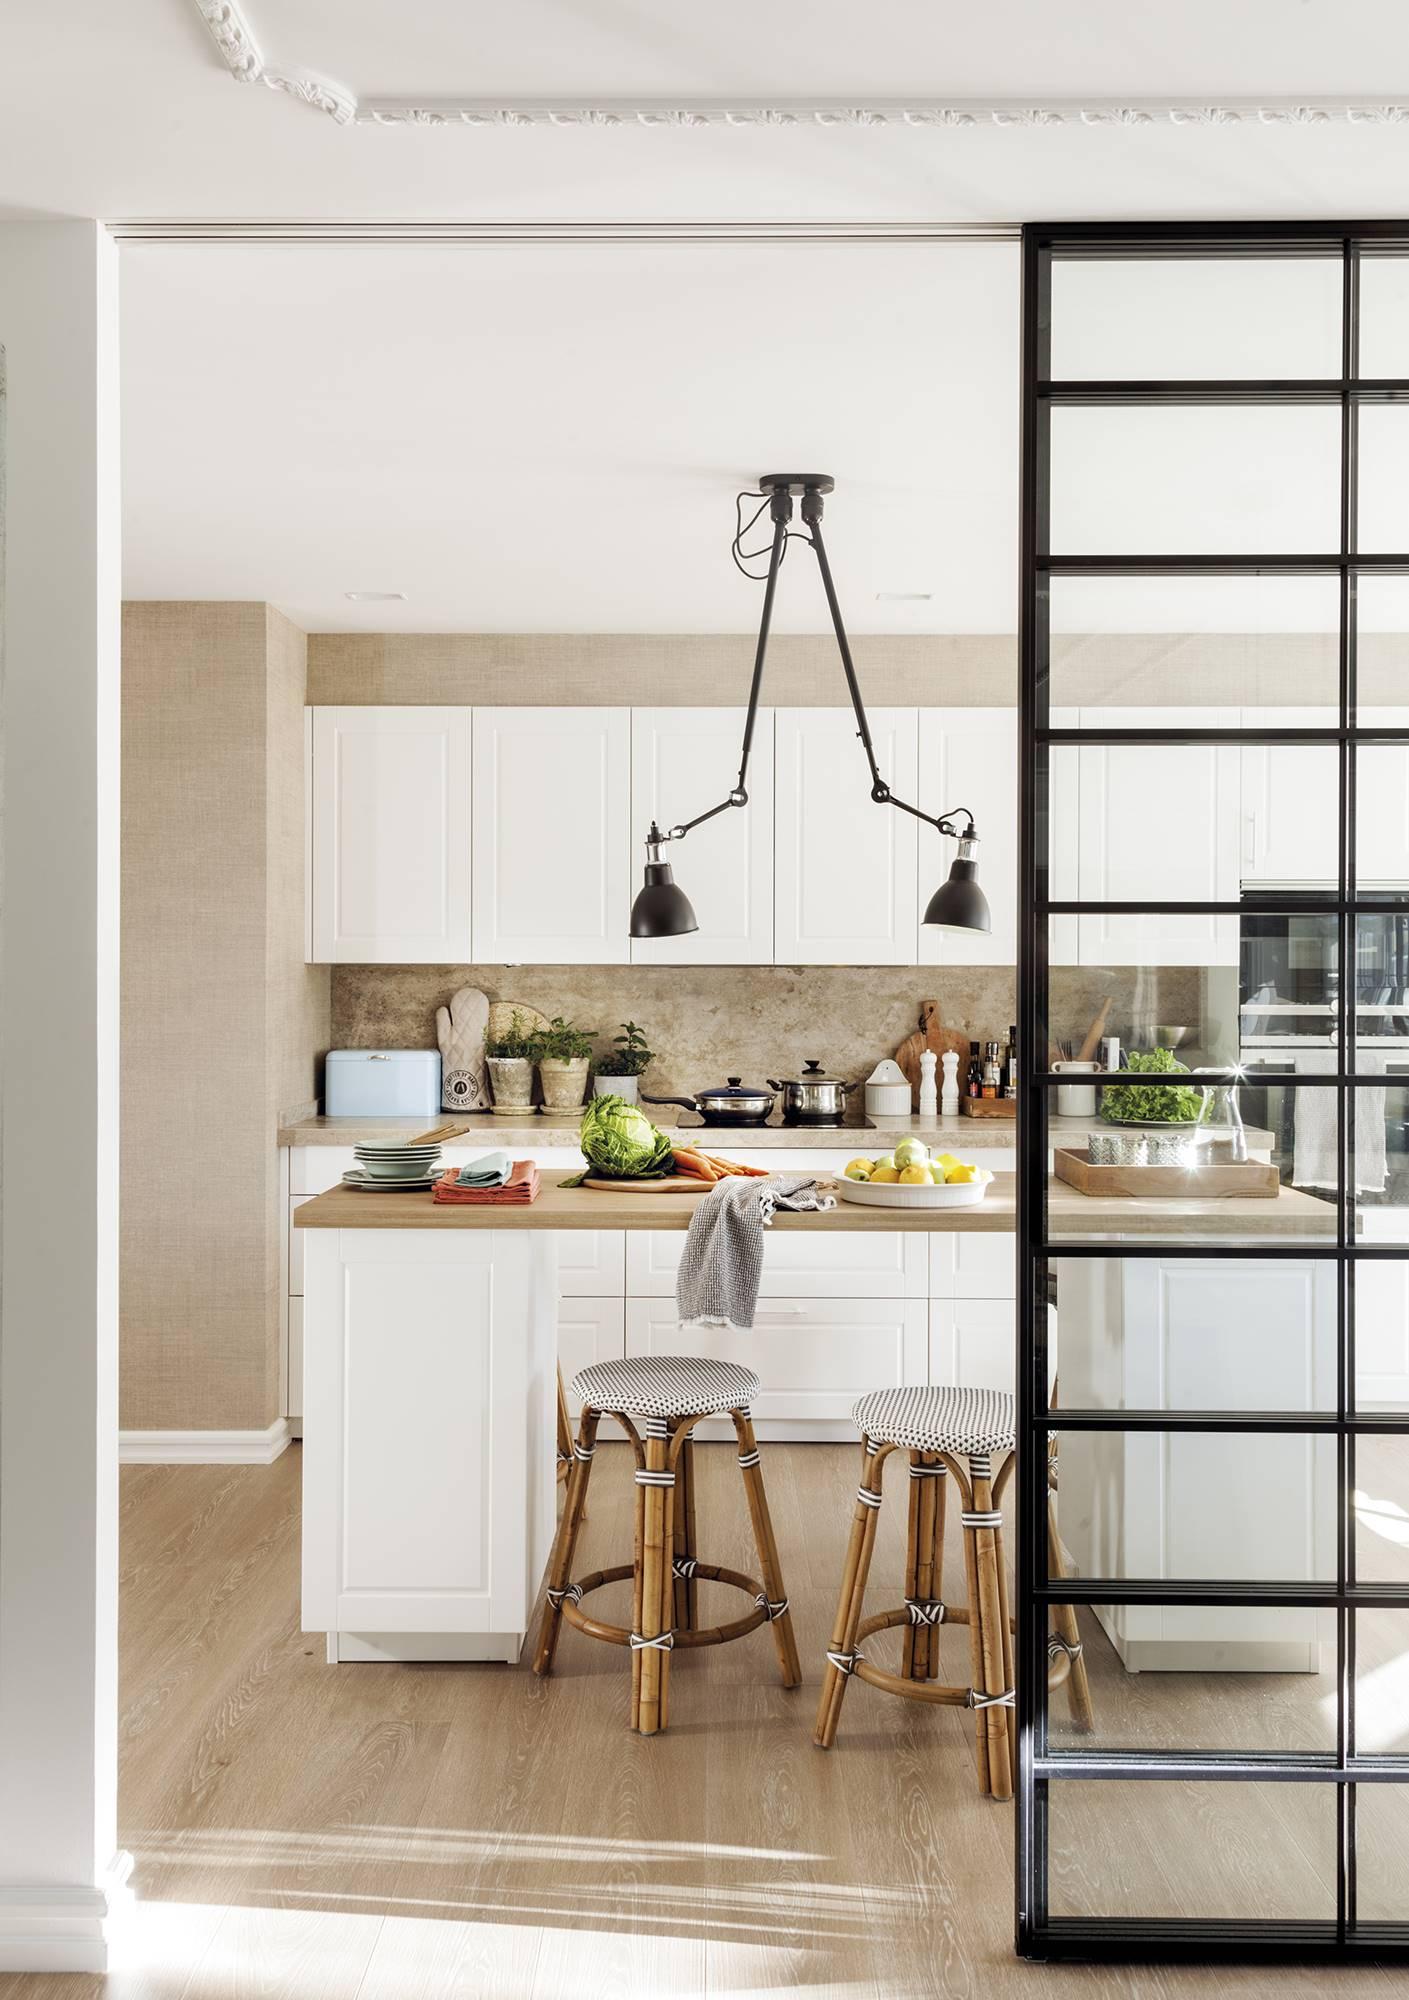 暖灰色和白色的厨房空间。